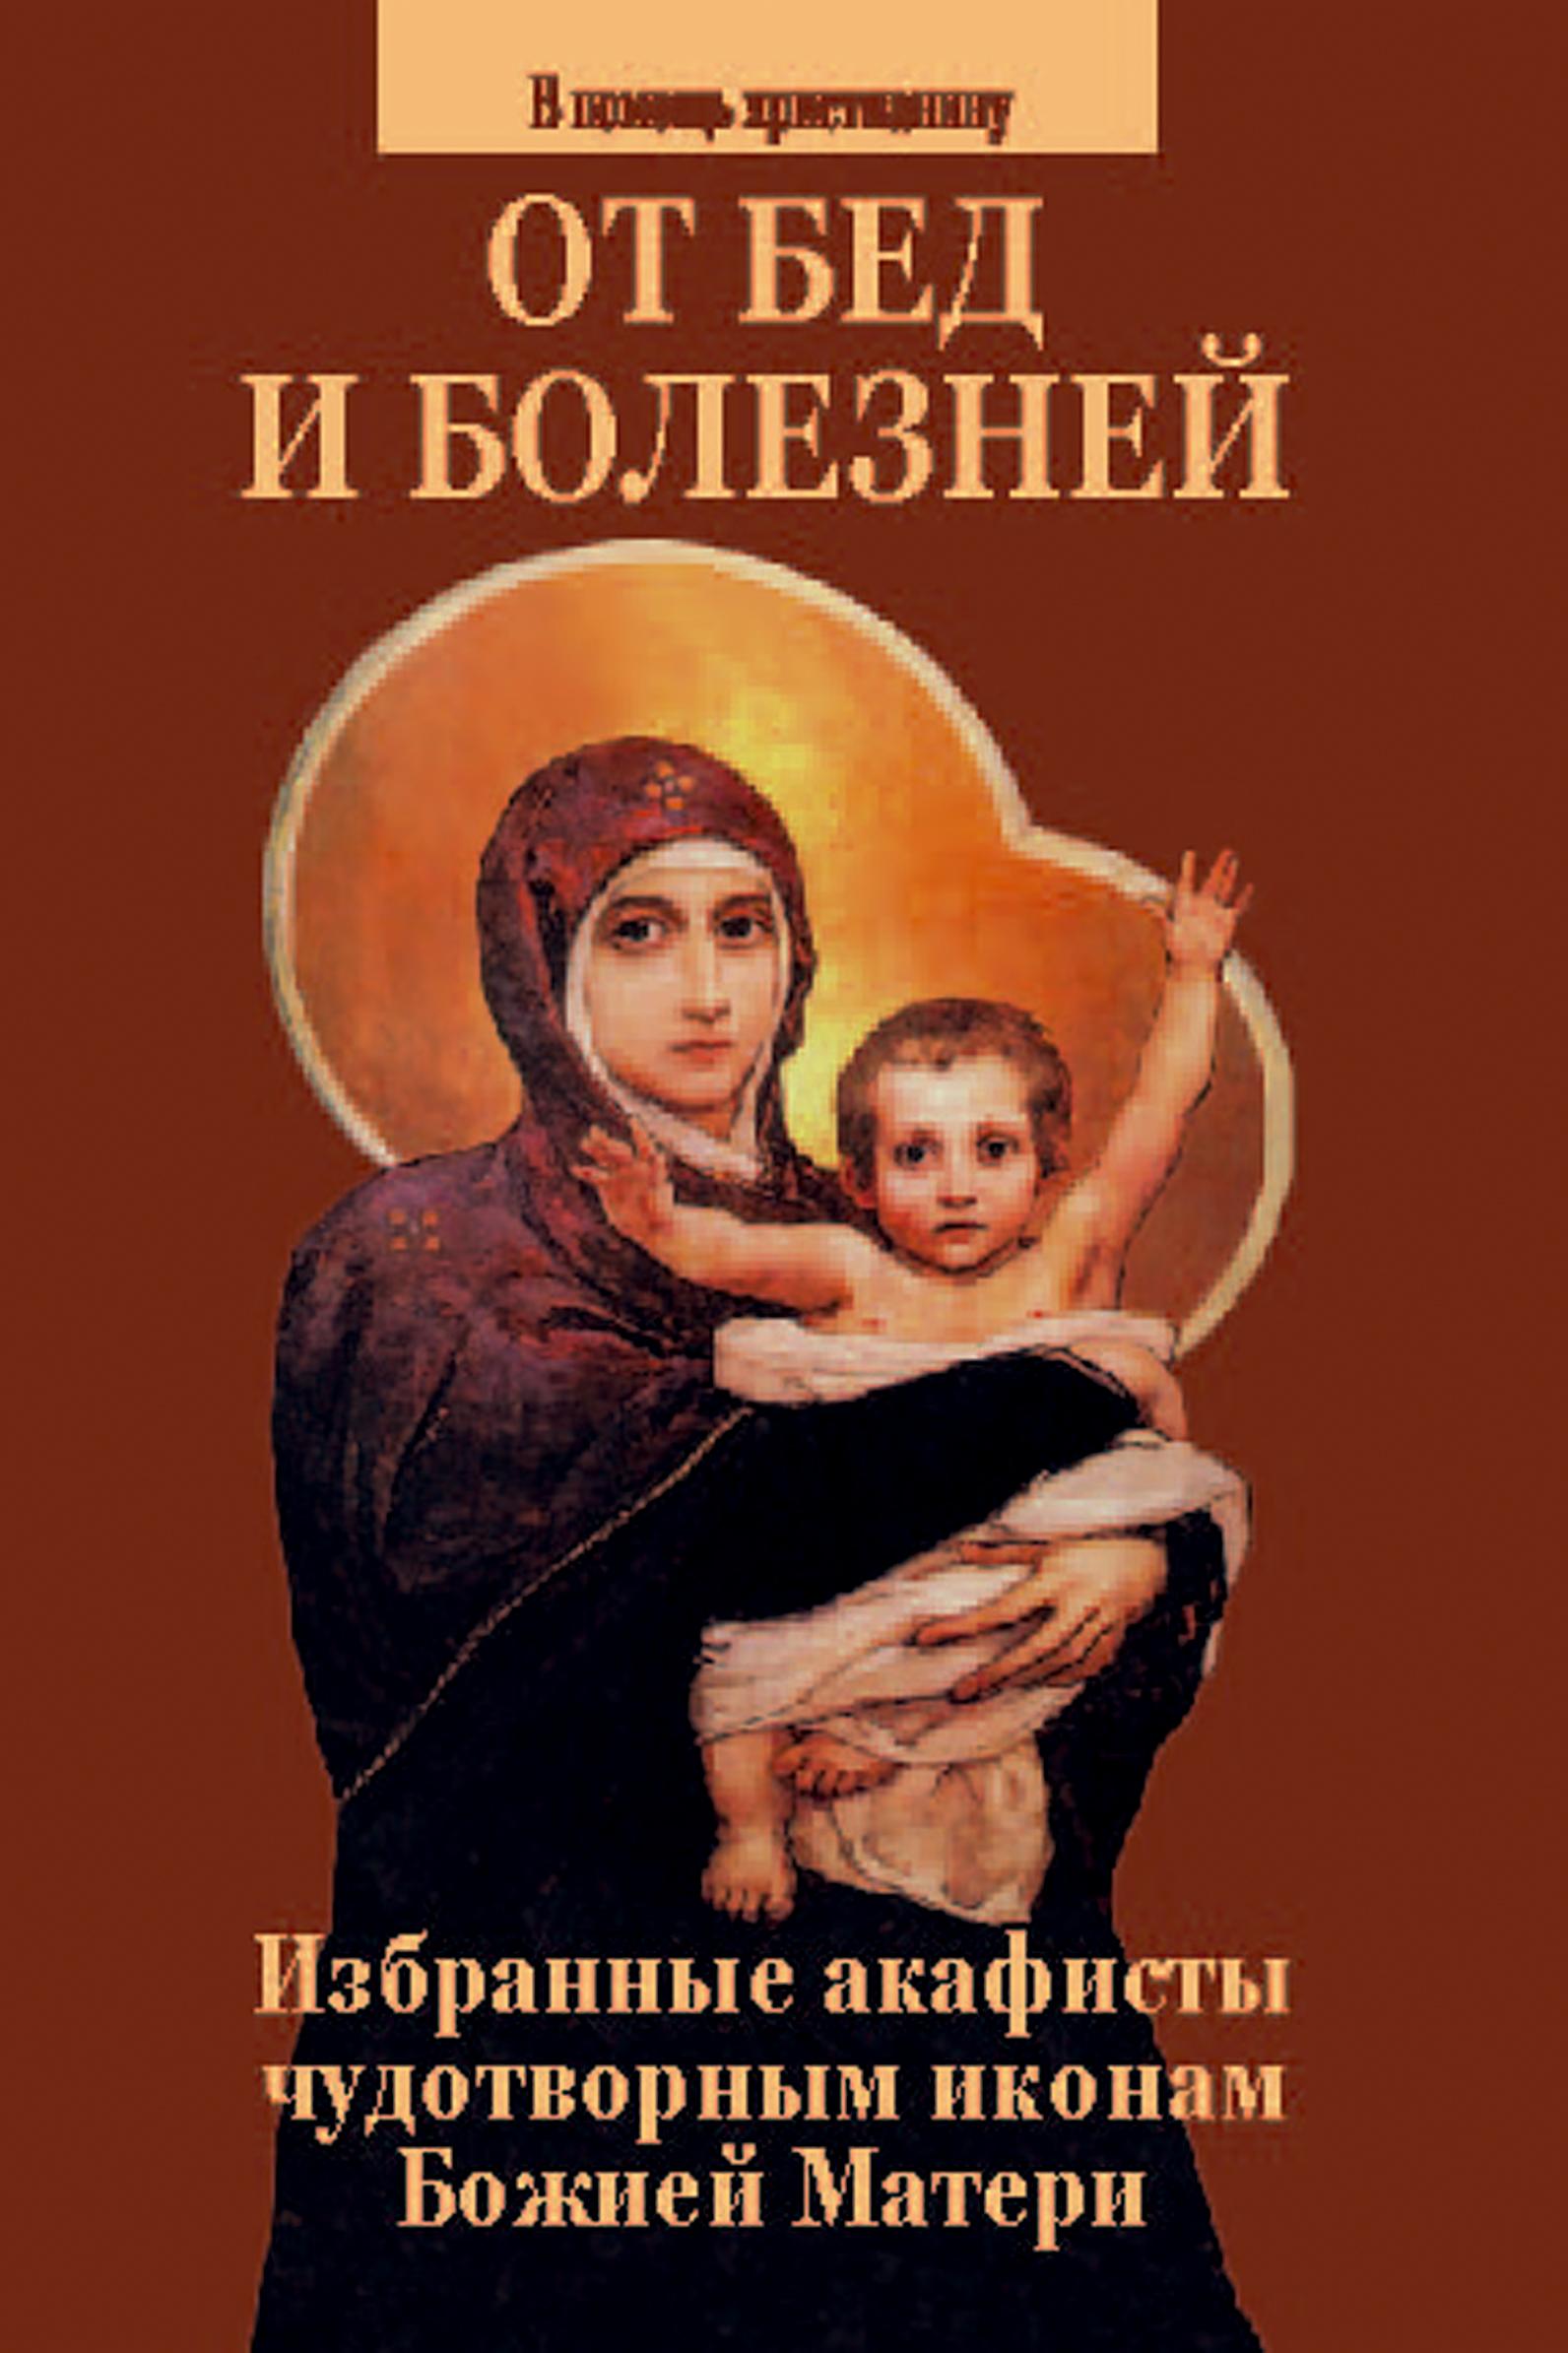 От бед и болезней. Избранные акафисты чудотворным иконам Божией Матери